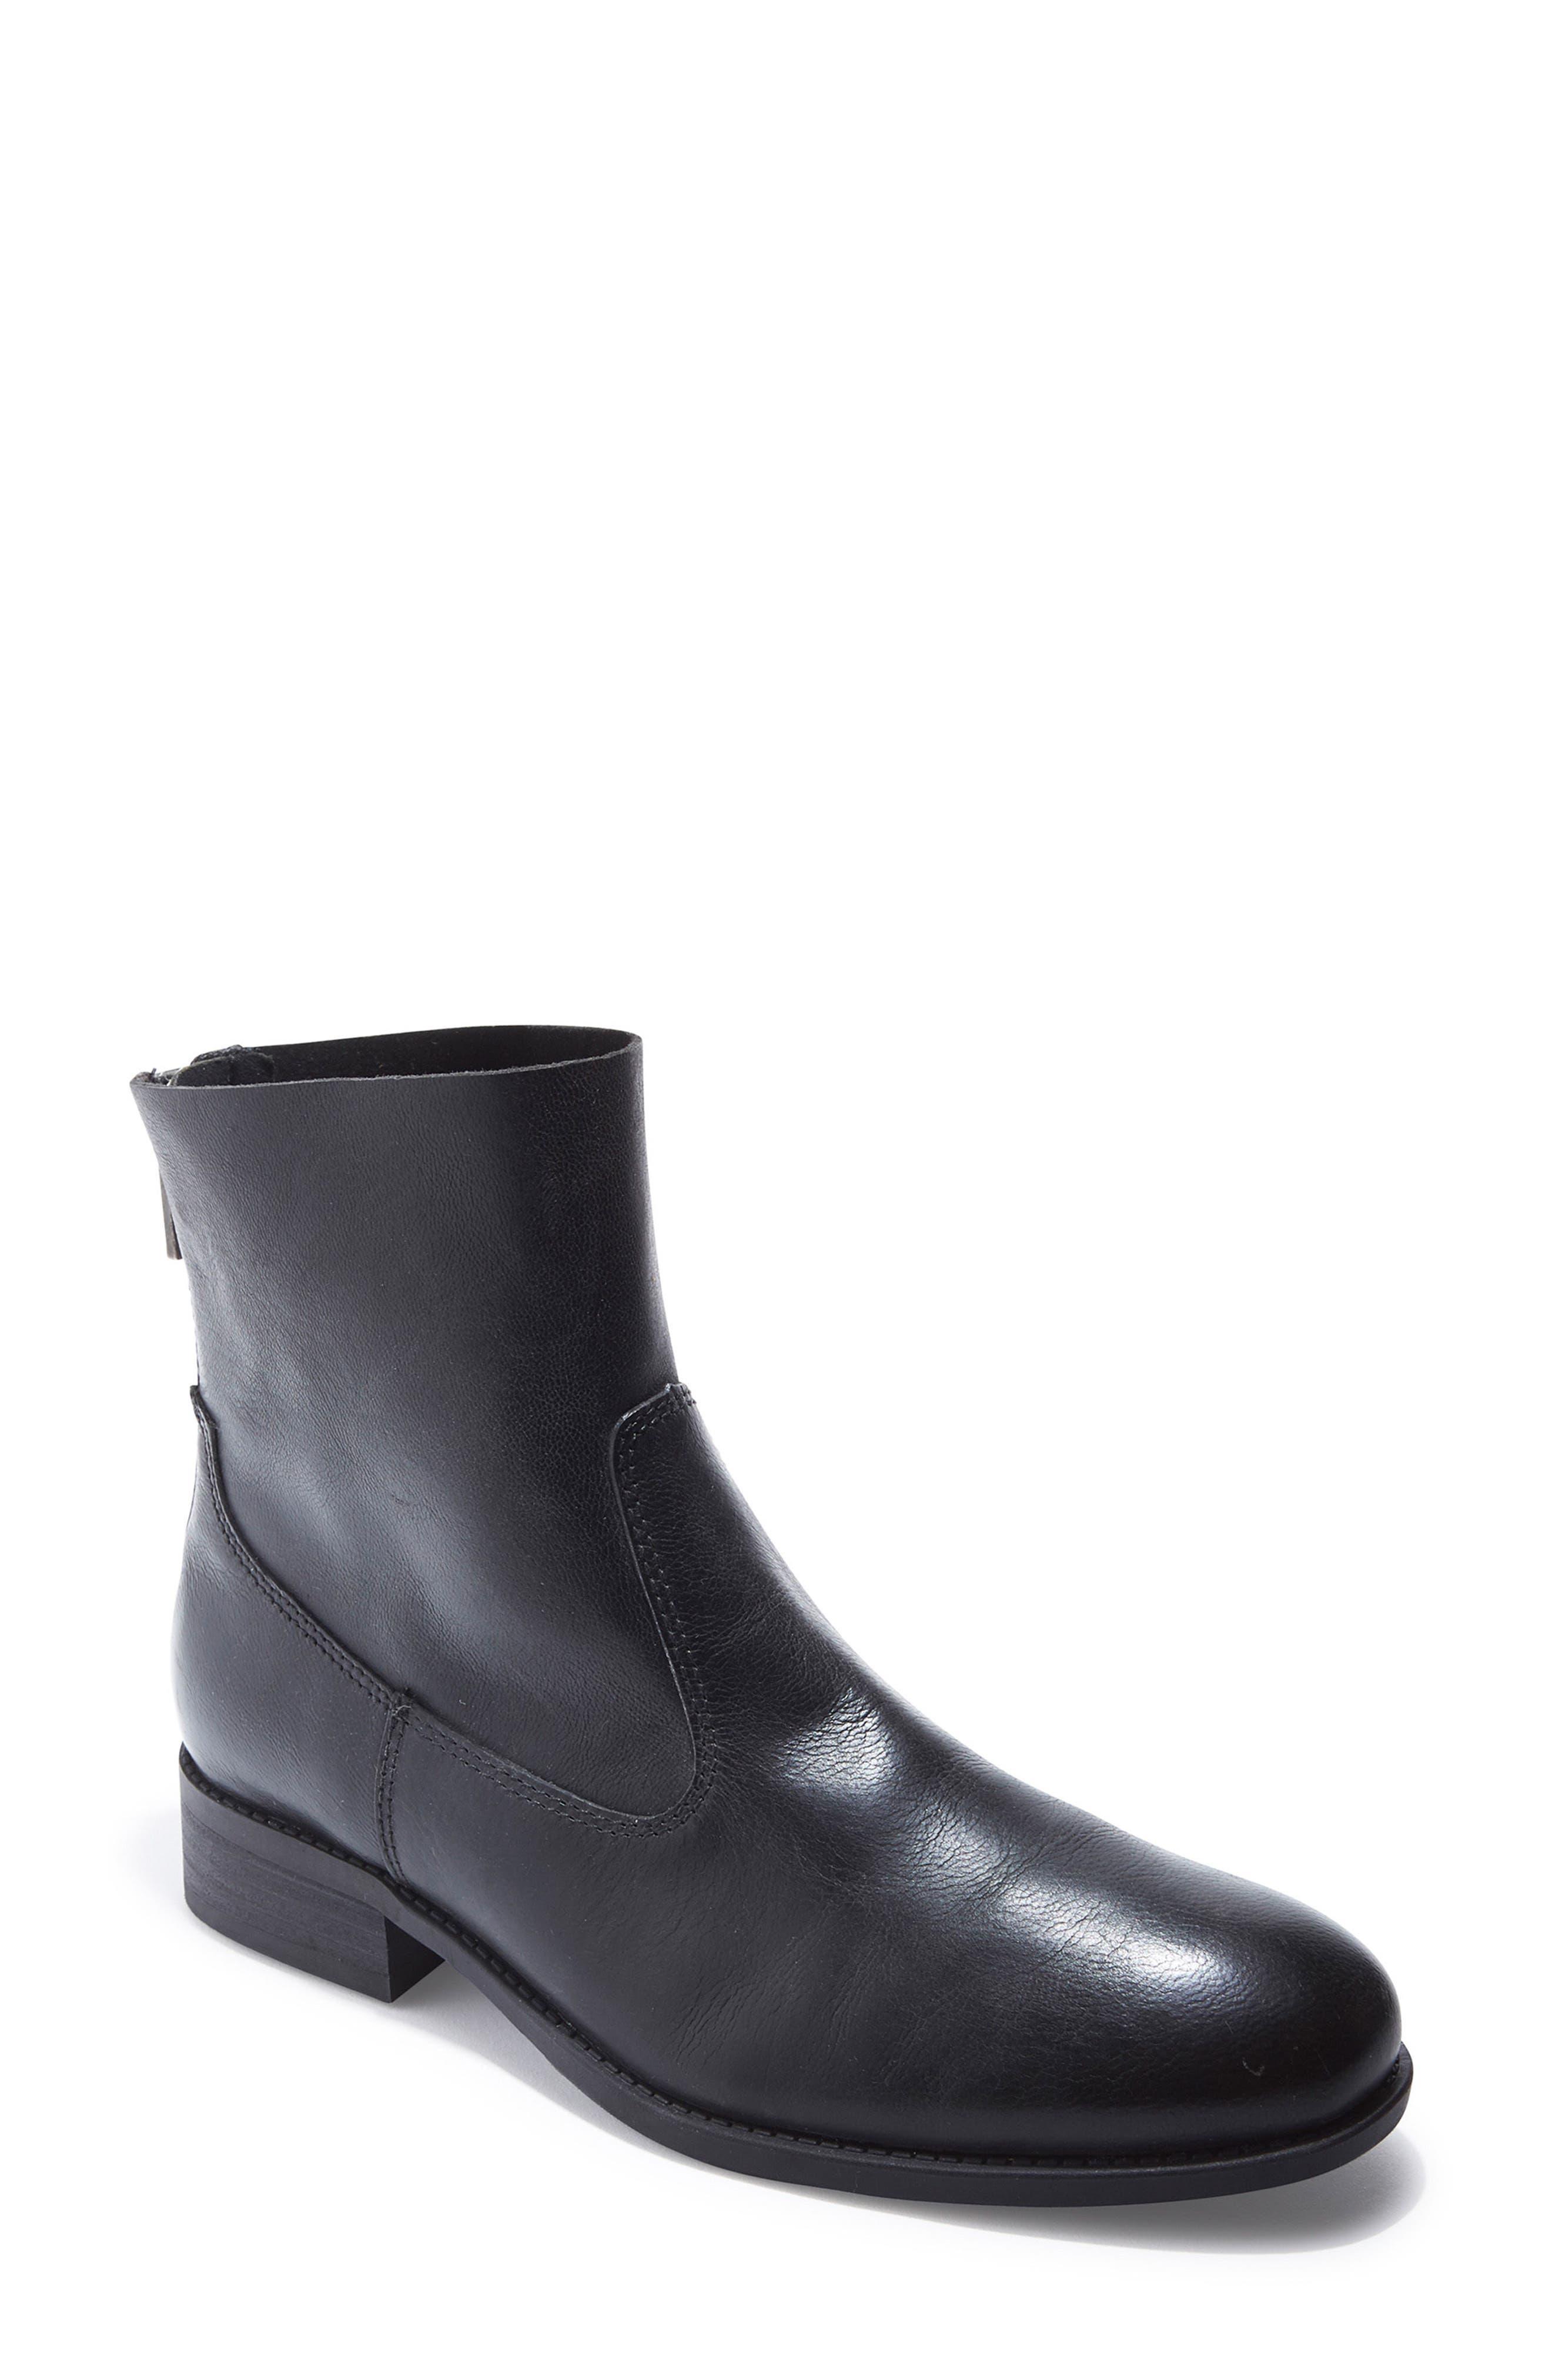 Logan Bootie,                         Main,                         color, Black Leather